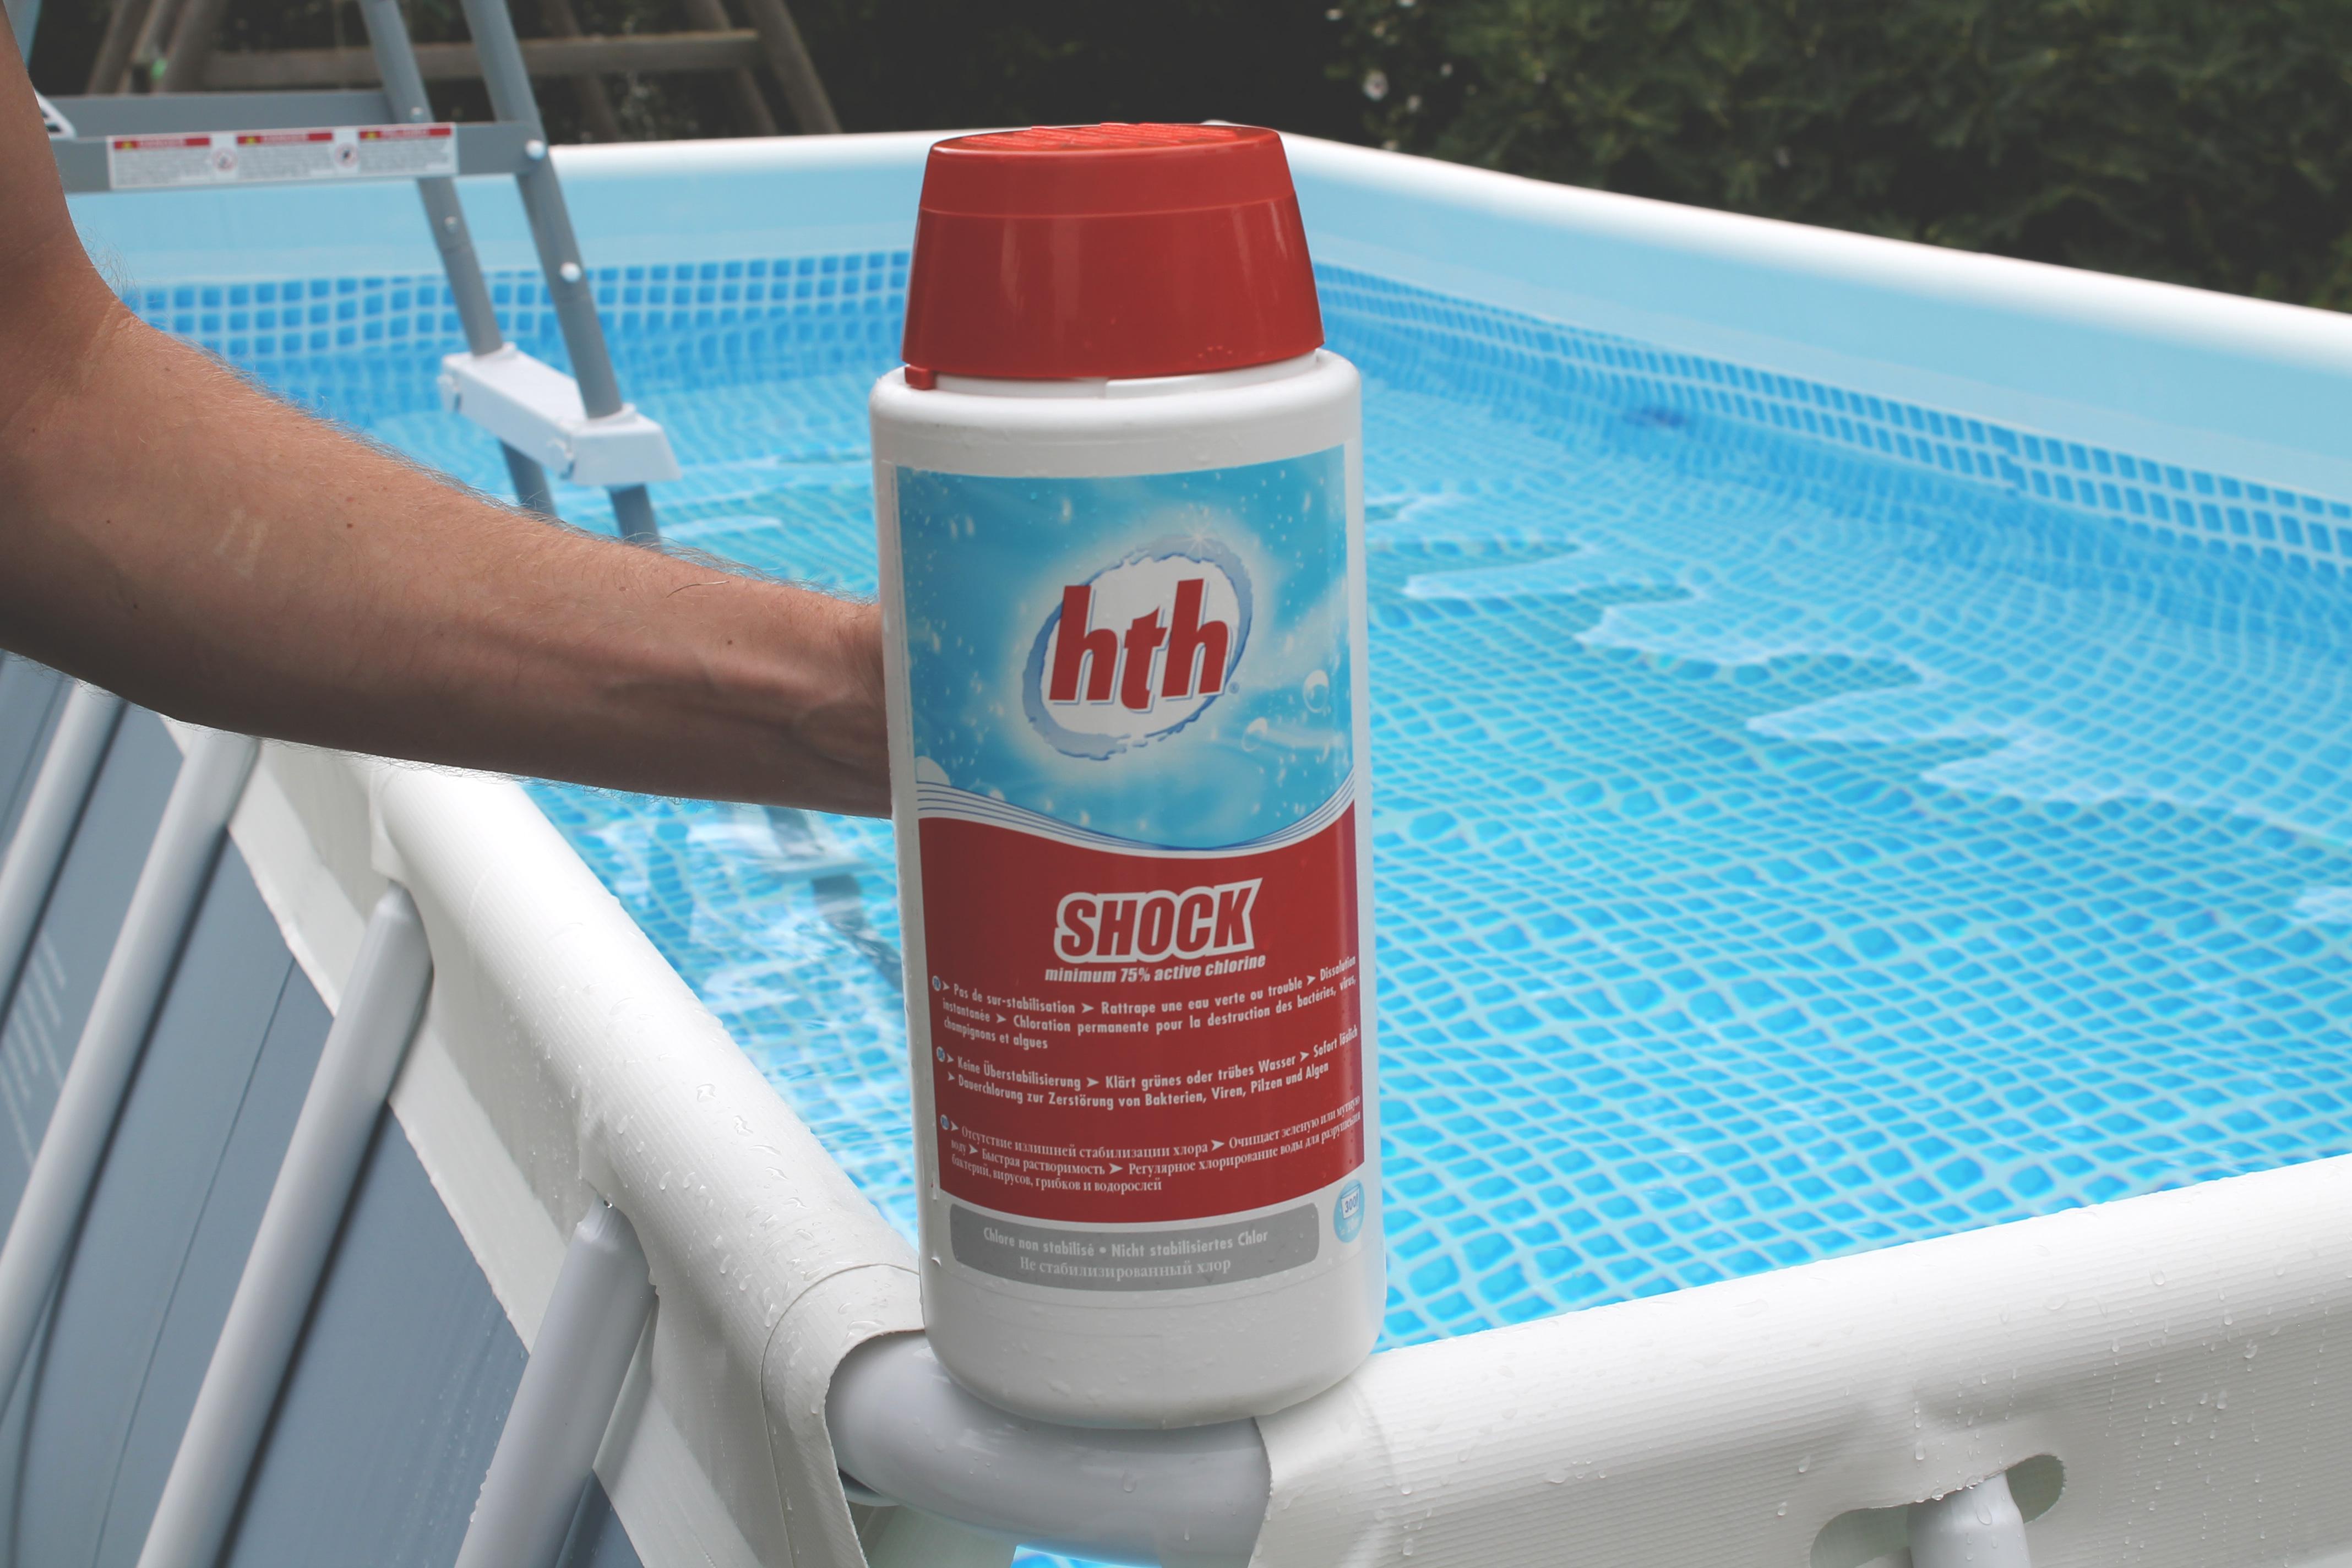 marque hth produits pour l 39 entretien de l 39 eau des piscines. Black Bedroom Furniture Sets. Home Design Ideas